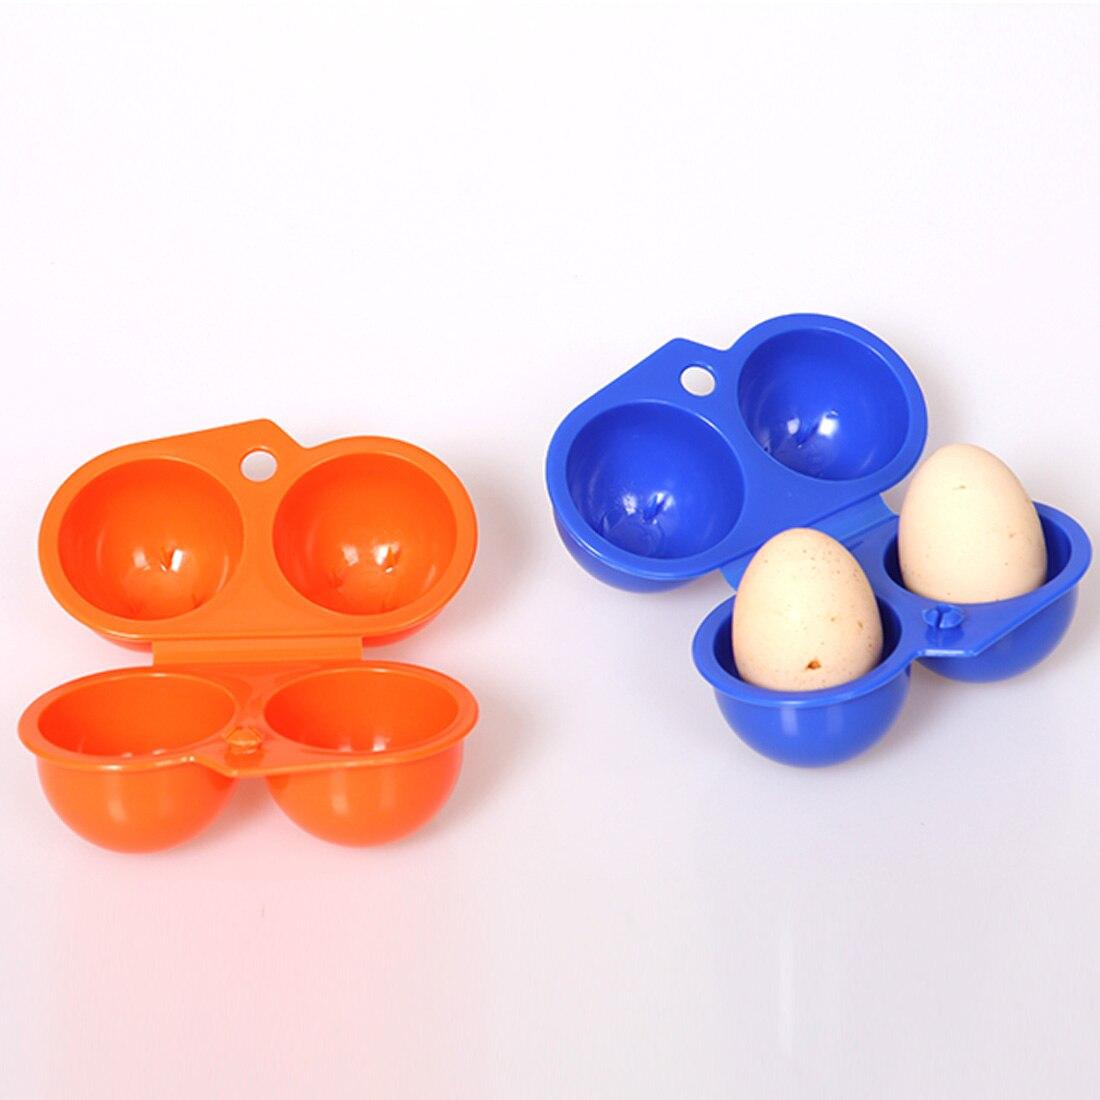 Nueva caja de almacenamiento de huevos conveniente para cocina y contenedor de senderismo al aire libre, portador de Camping para 2 huevos, caja de conservación de alimentos